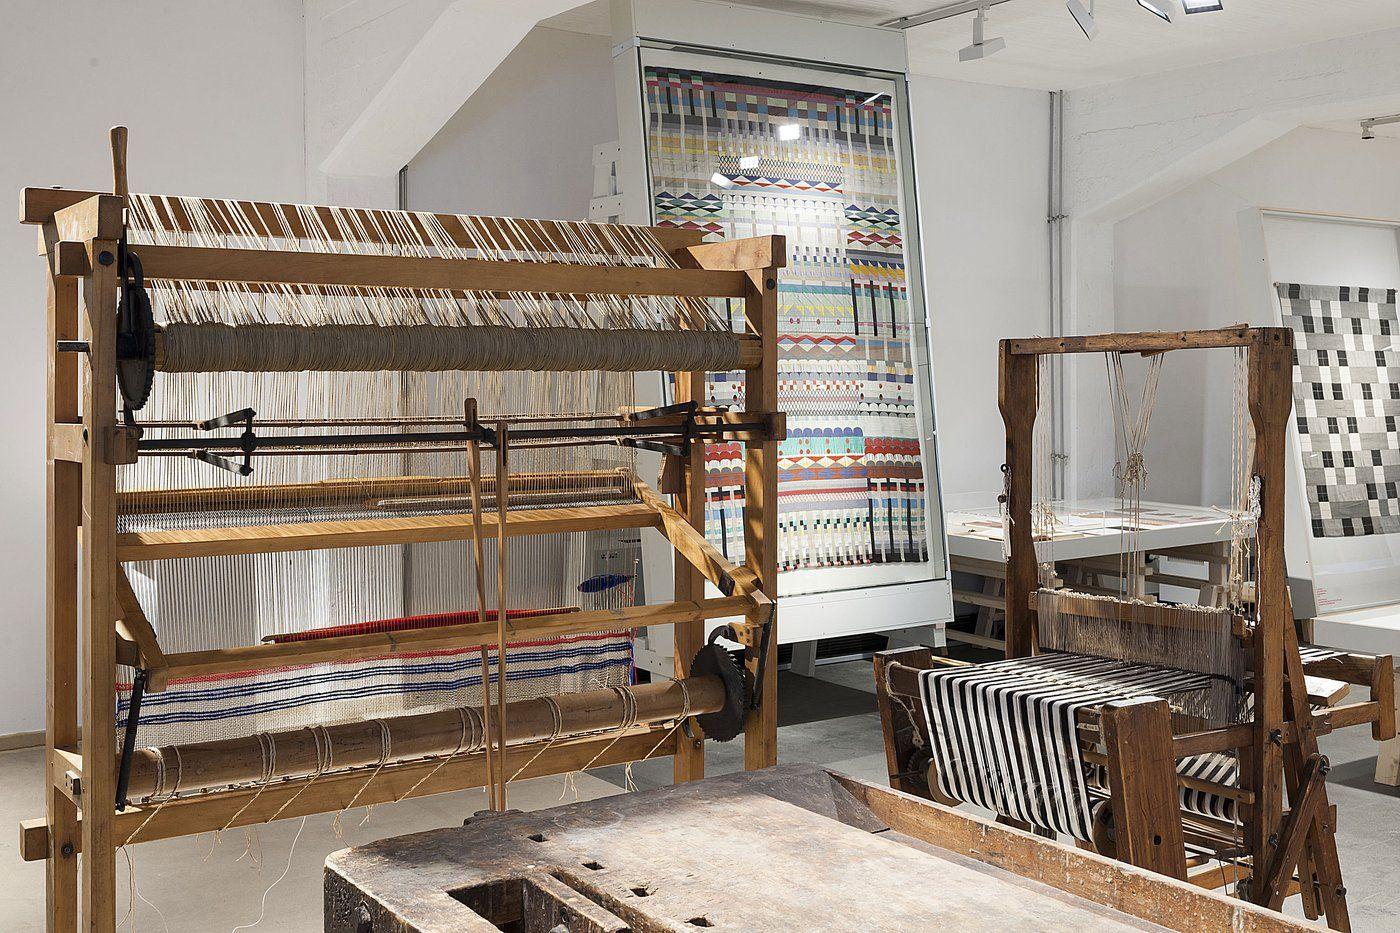 """Ausstellung """"Handwerk wird modern. Vom Herstellen am Bauhaus"""", Bauhausgebäude Dessau, 2017 / Stiftung Bauhaus Dessau, Foto: Thomas Meyer/ OSTKREUZ"""